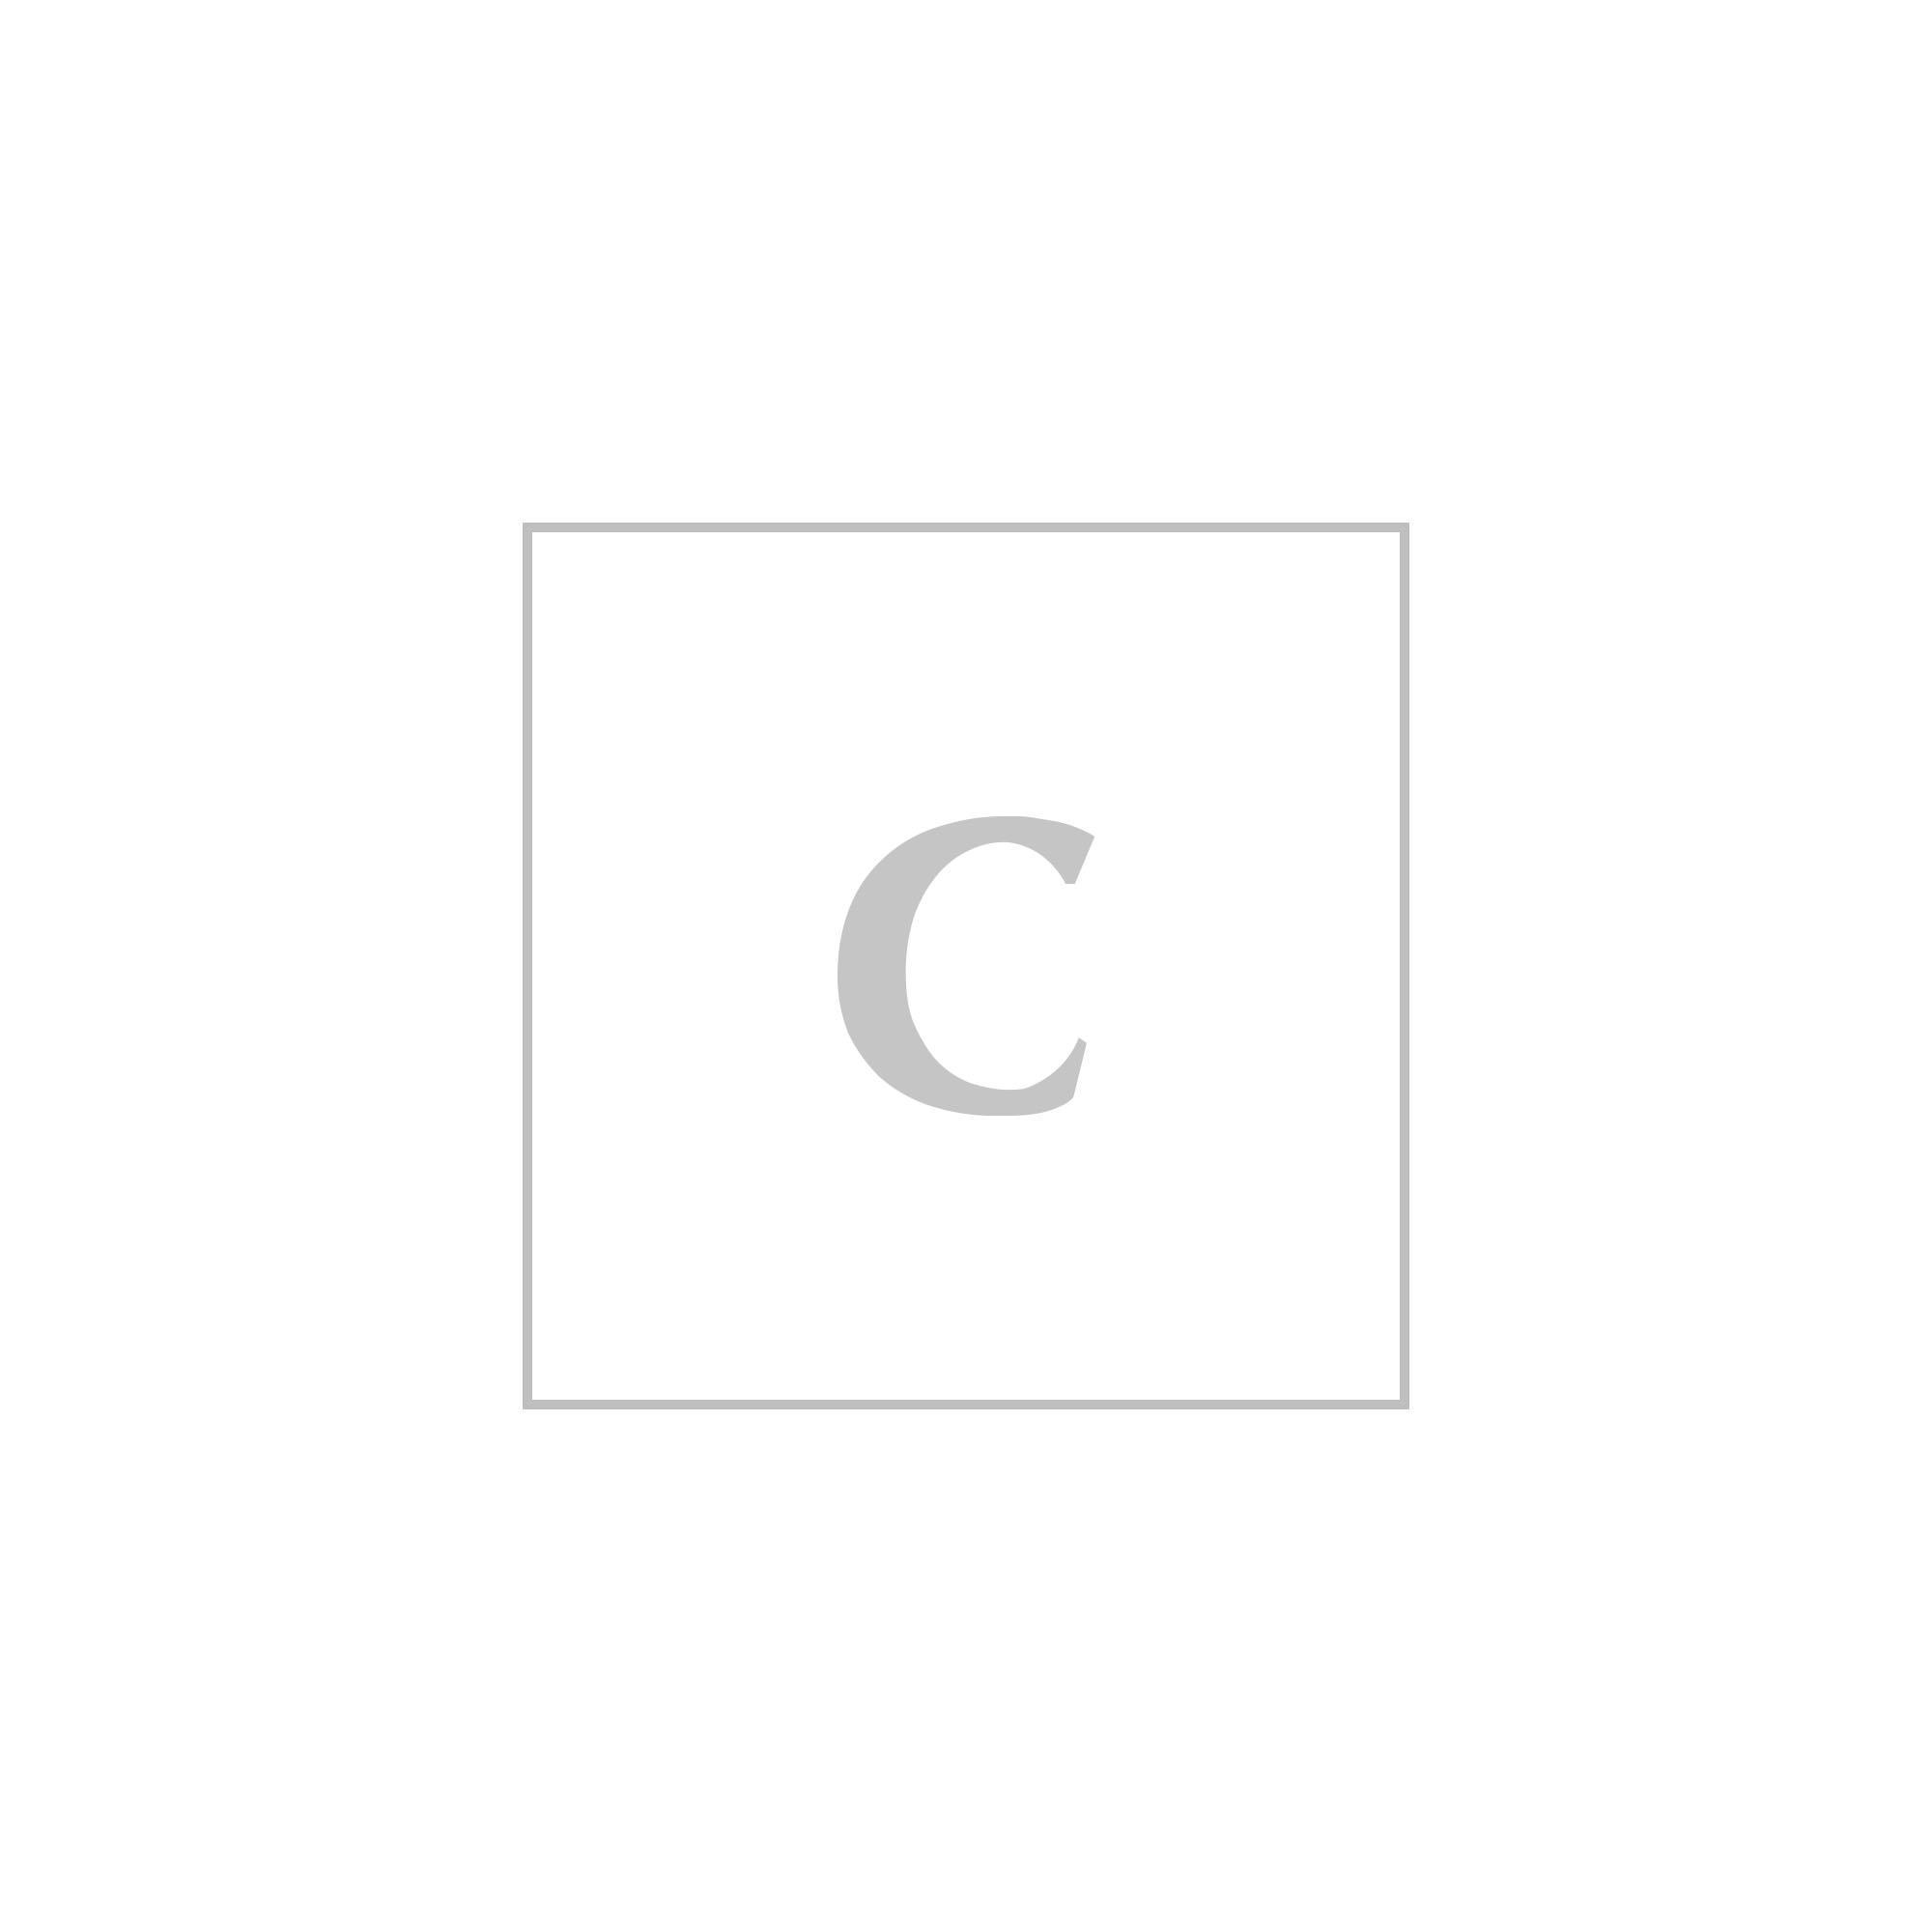 moncler craig green puffer